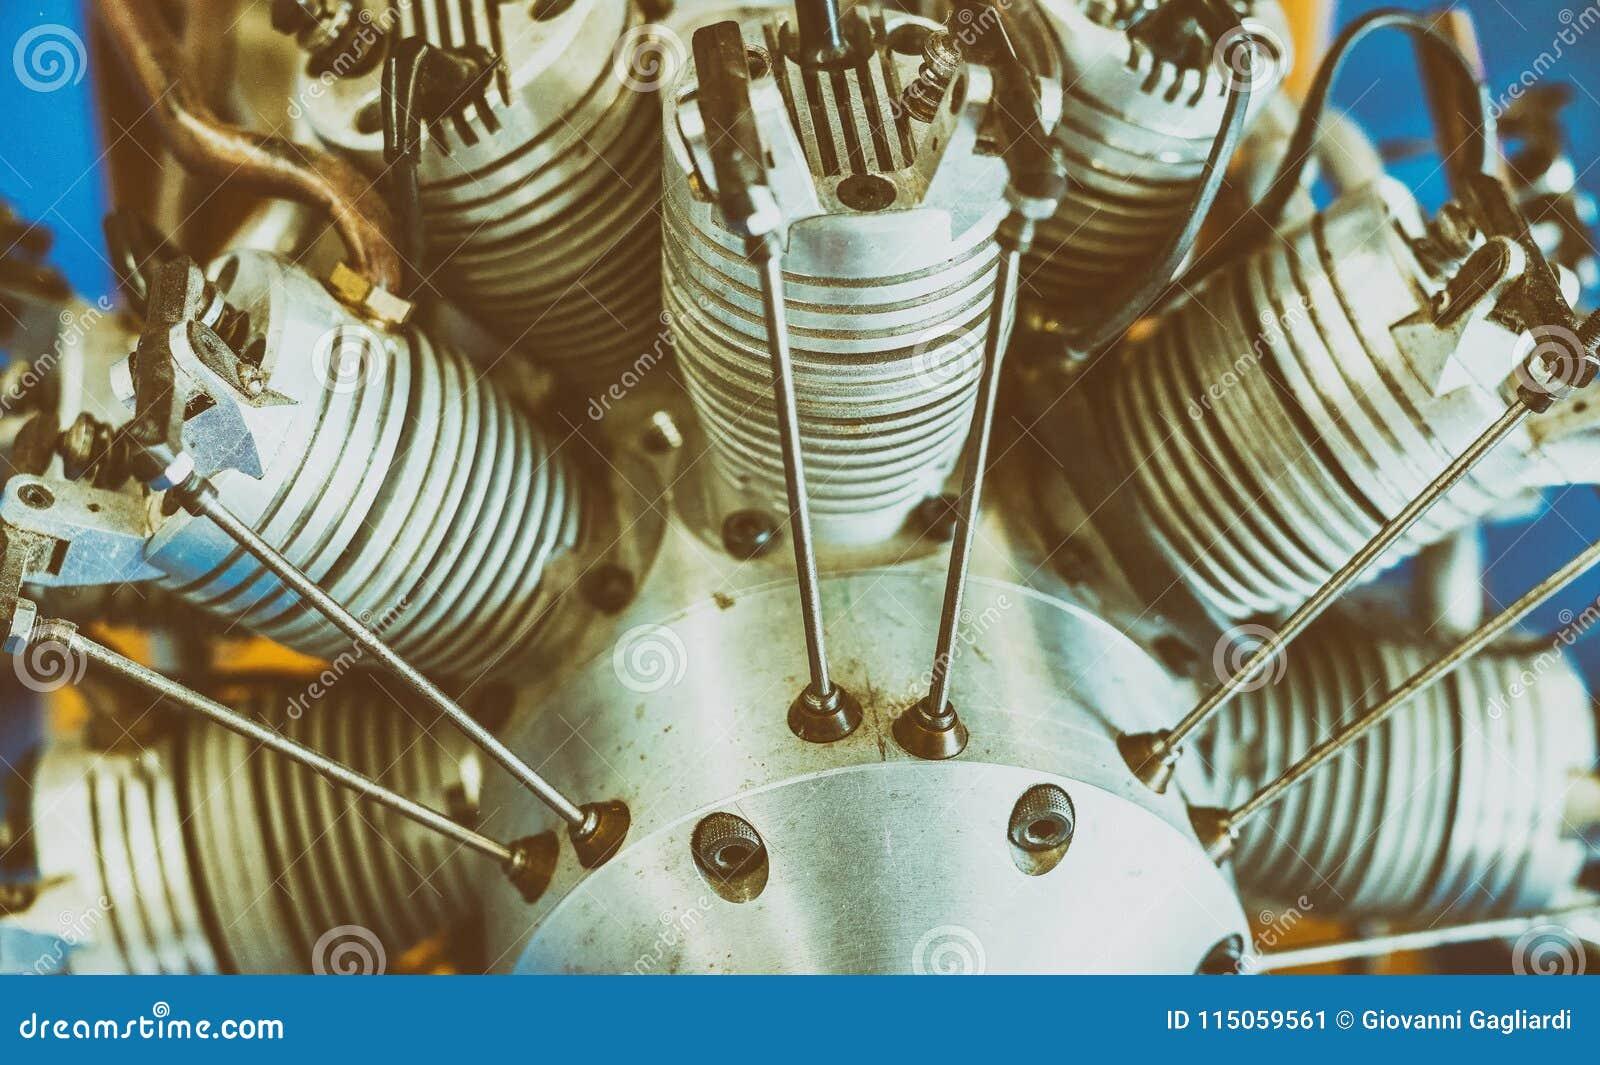 Componentes da eletrônica para o motor dos zangões